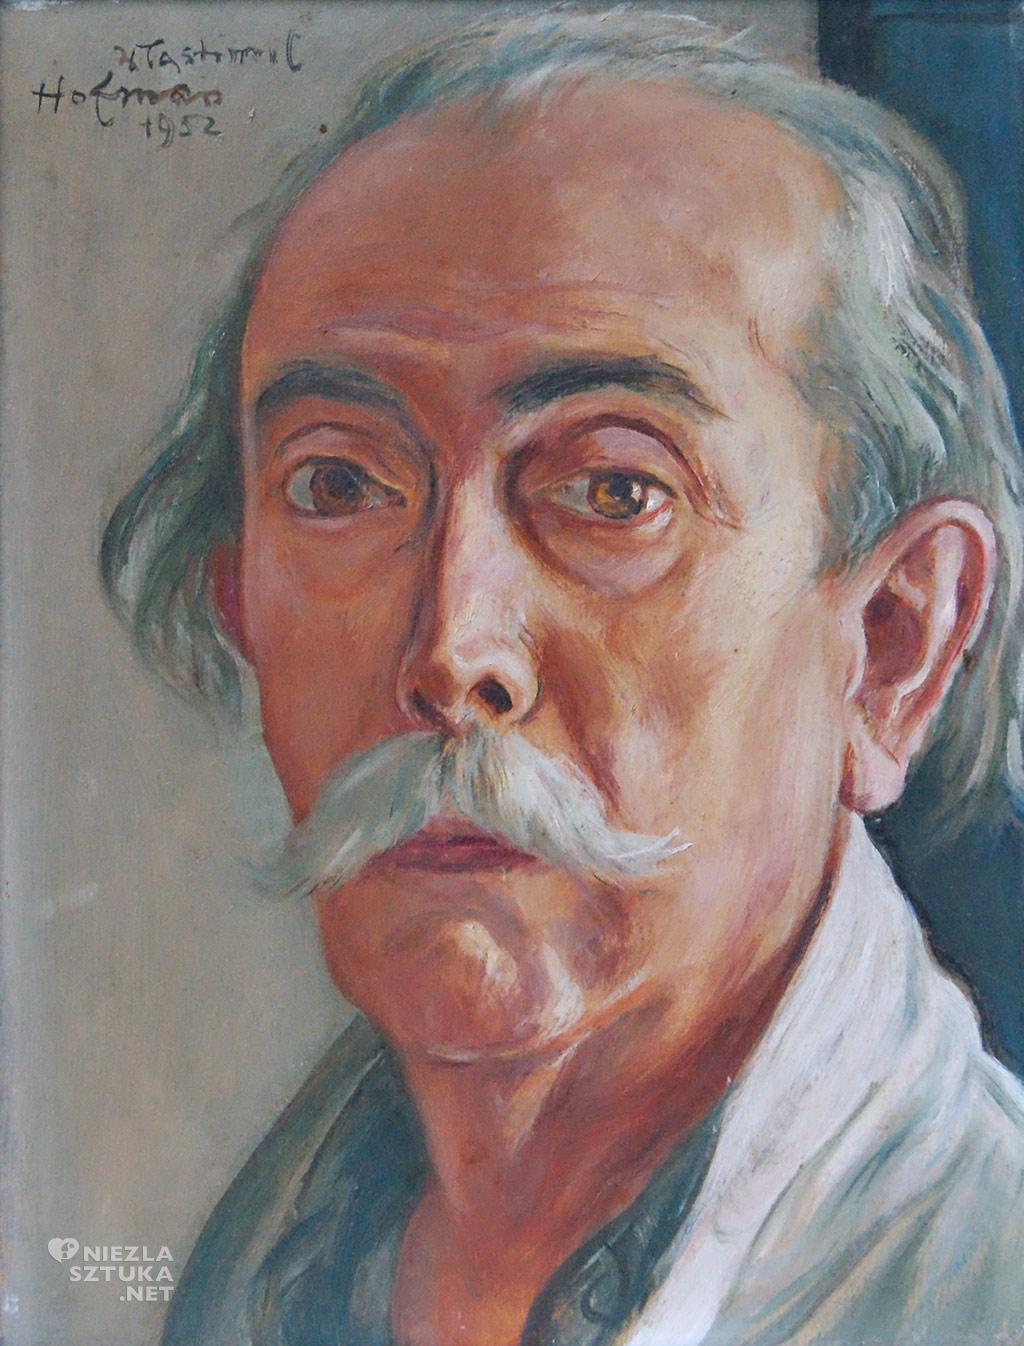 Wlastimil Hofman Autoportret, 1952, fot. dzięki uprzejmości Muzeum Dom Hauptmannów